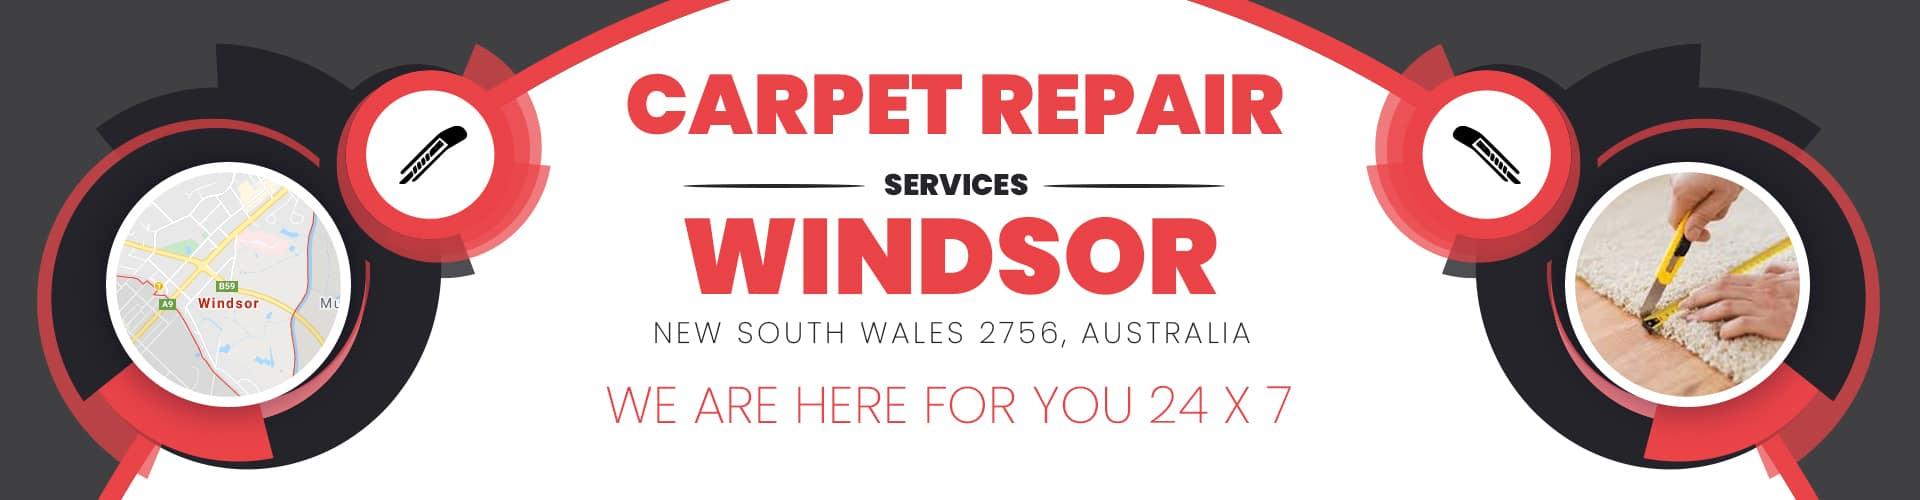 Carpet Repair Windsor